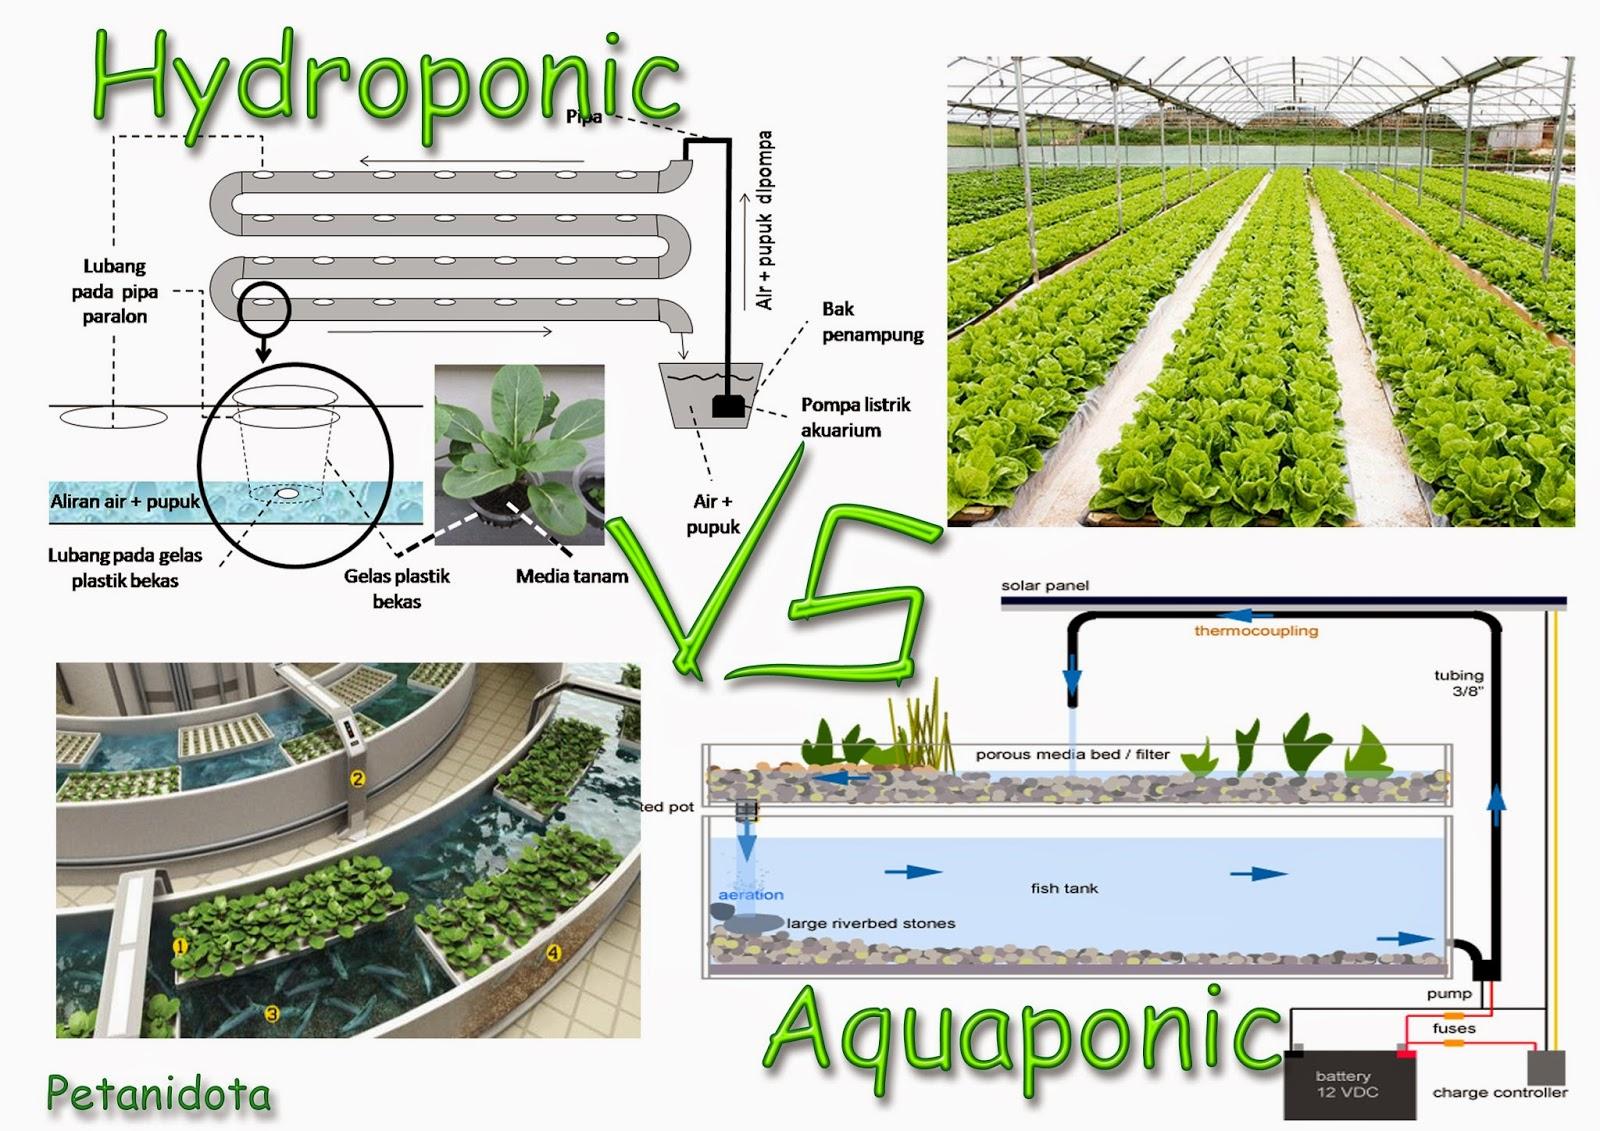 Hydroponic Vs Aquaponic